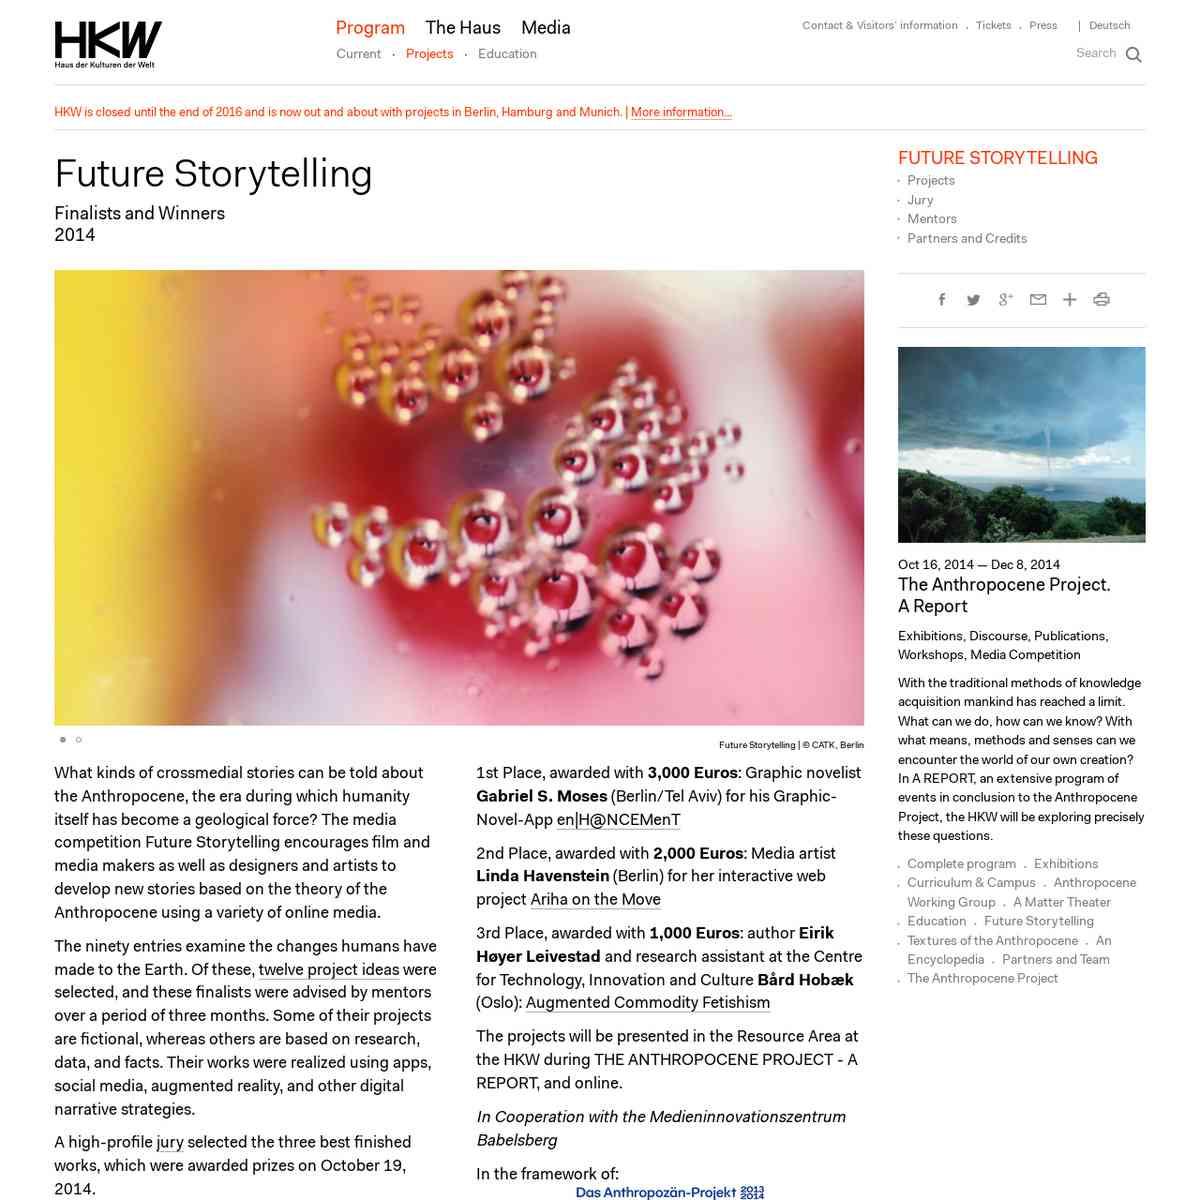 hkw.de/en/programm/projekte/2014/future_storytelling/future_storytelling.php